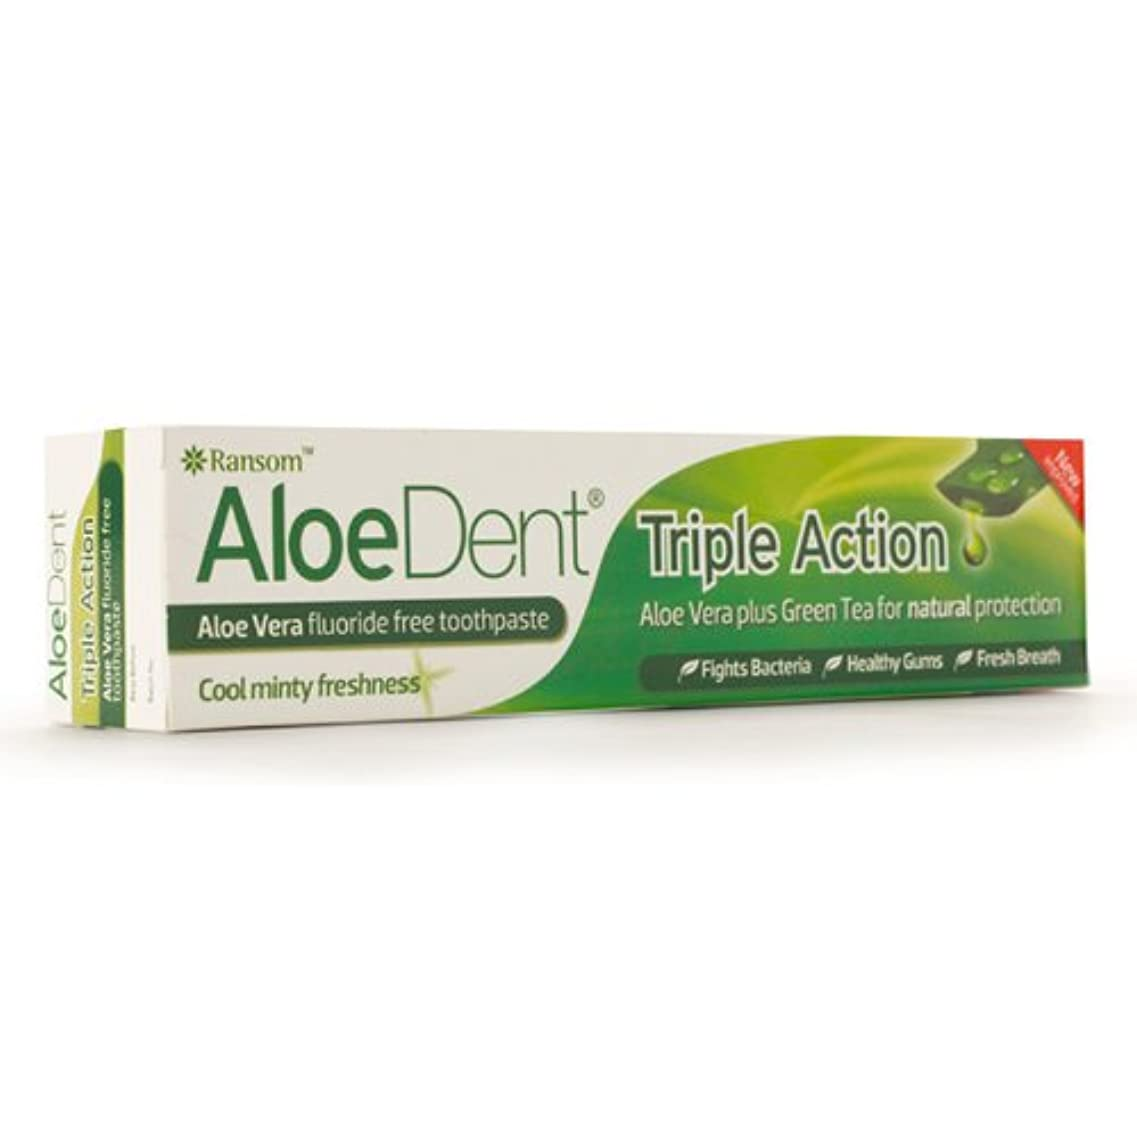 優勢ピグマリオン軽くAloeDent Triple Action Aloe Vera Fluoride Free Toothpaste 100ml